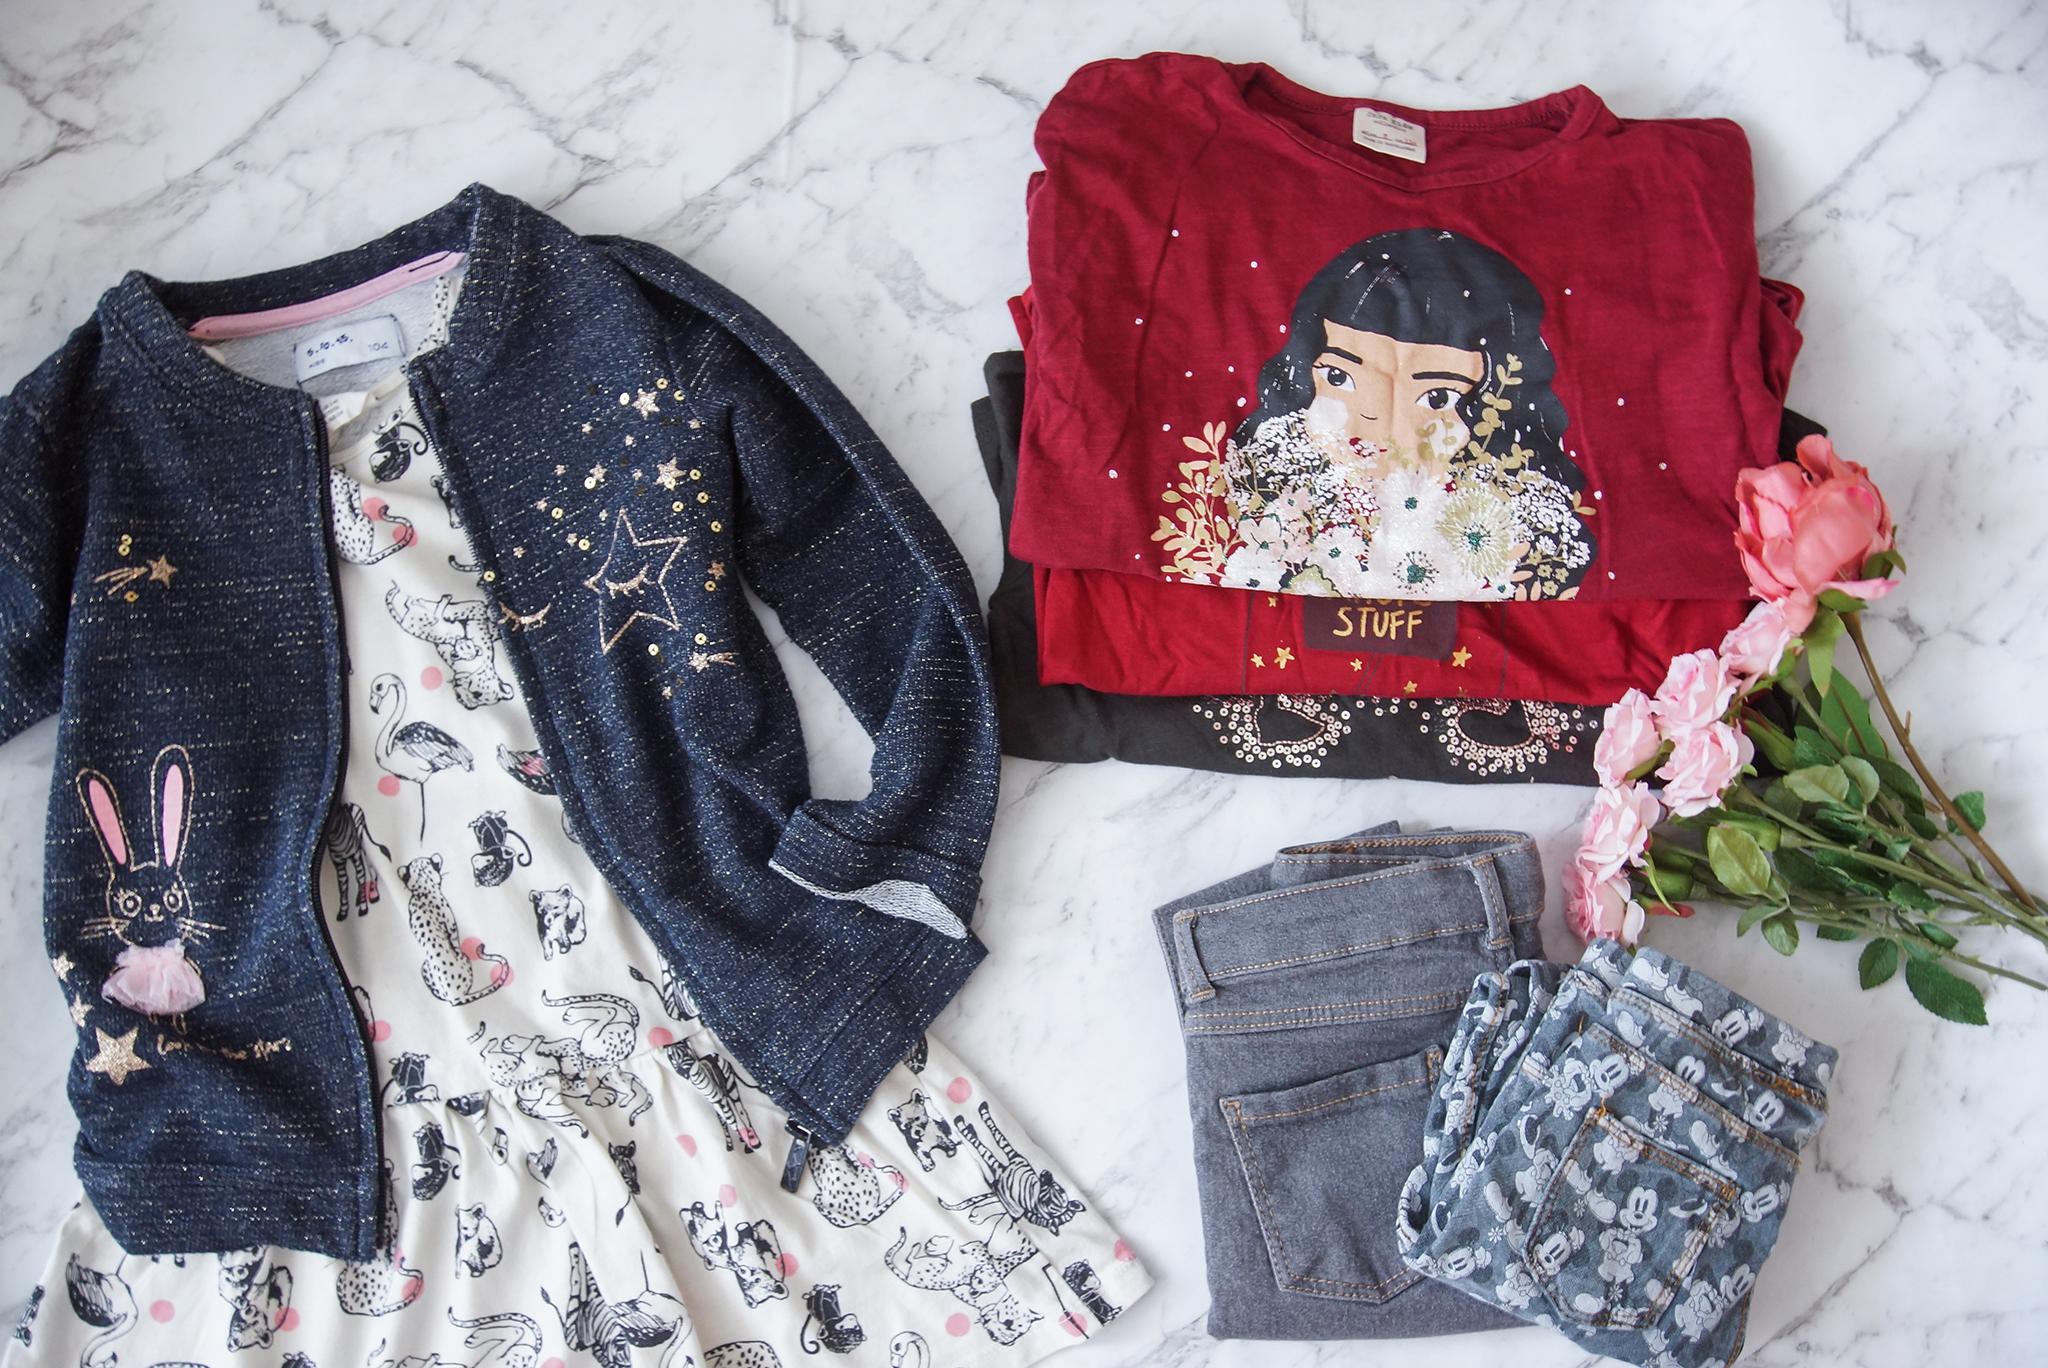 eabc38a5ceca5d 12 kompletów + z 2-3 koszulki, 2 pary legginsów, 3 sukienki, rozpinana  bluza z i bez kaptura, 2 sweterki (ale jak już zakłada to raczej tylko 1) i  z 2-3 ...